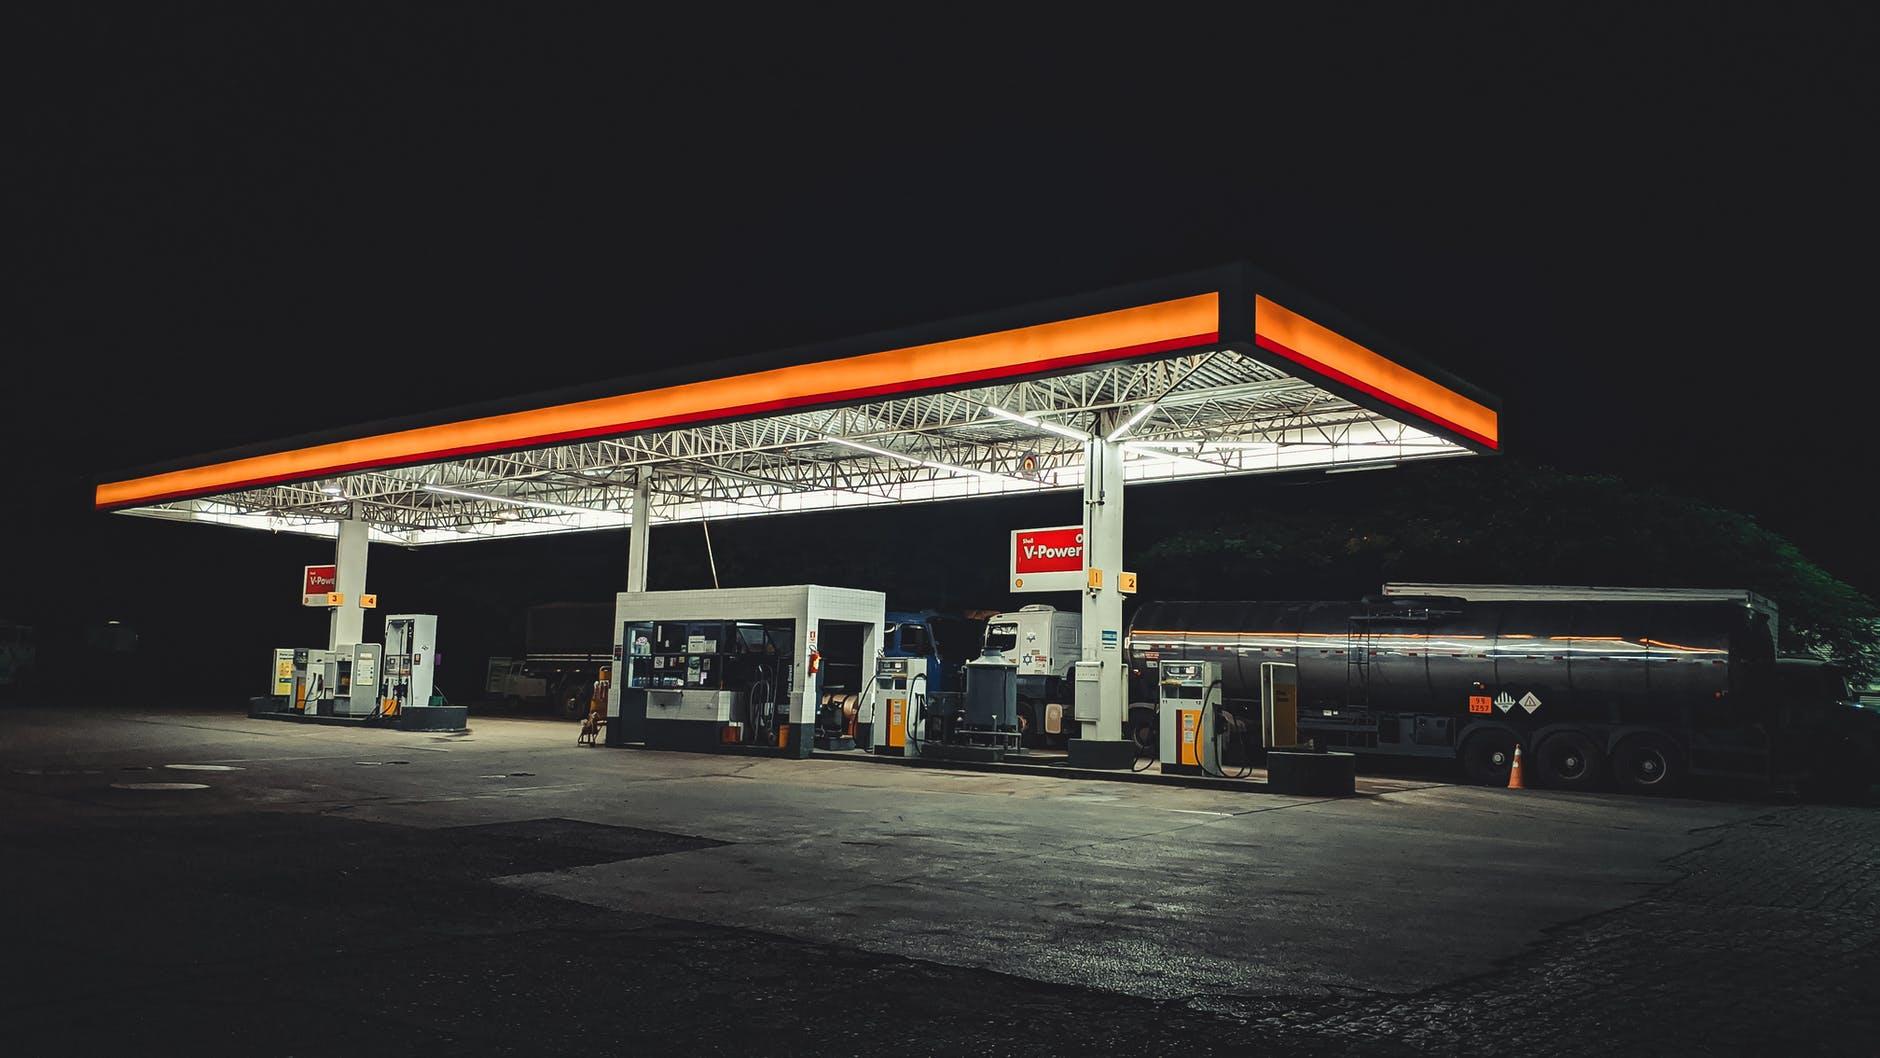 Reduzir Impostos De Posto De Combustível - Auster Inteligência Contábil